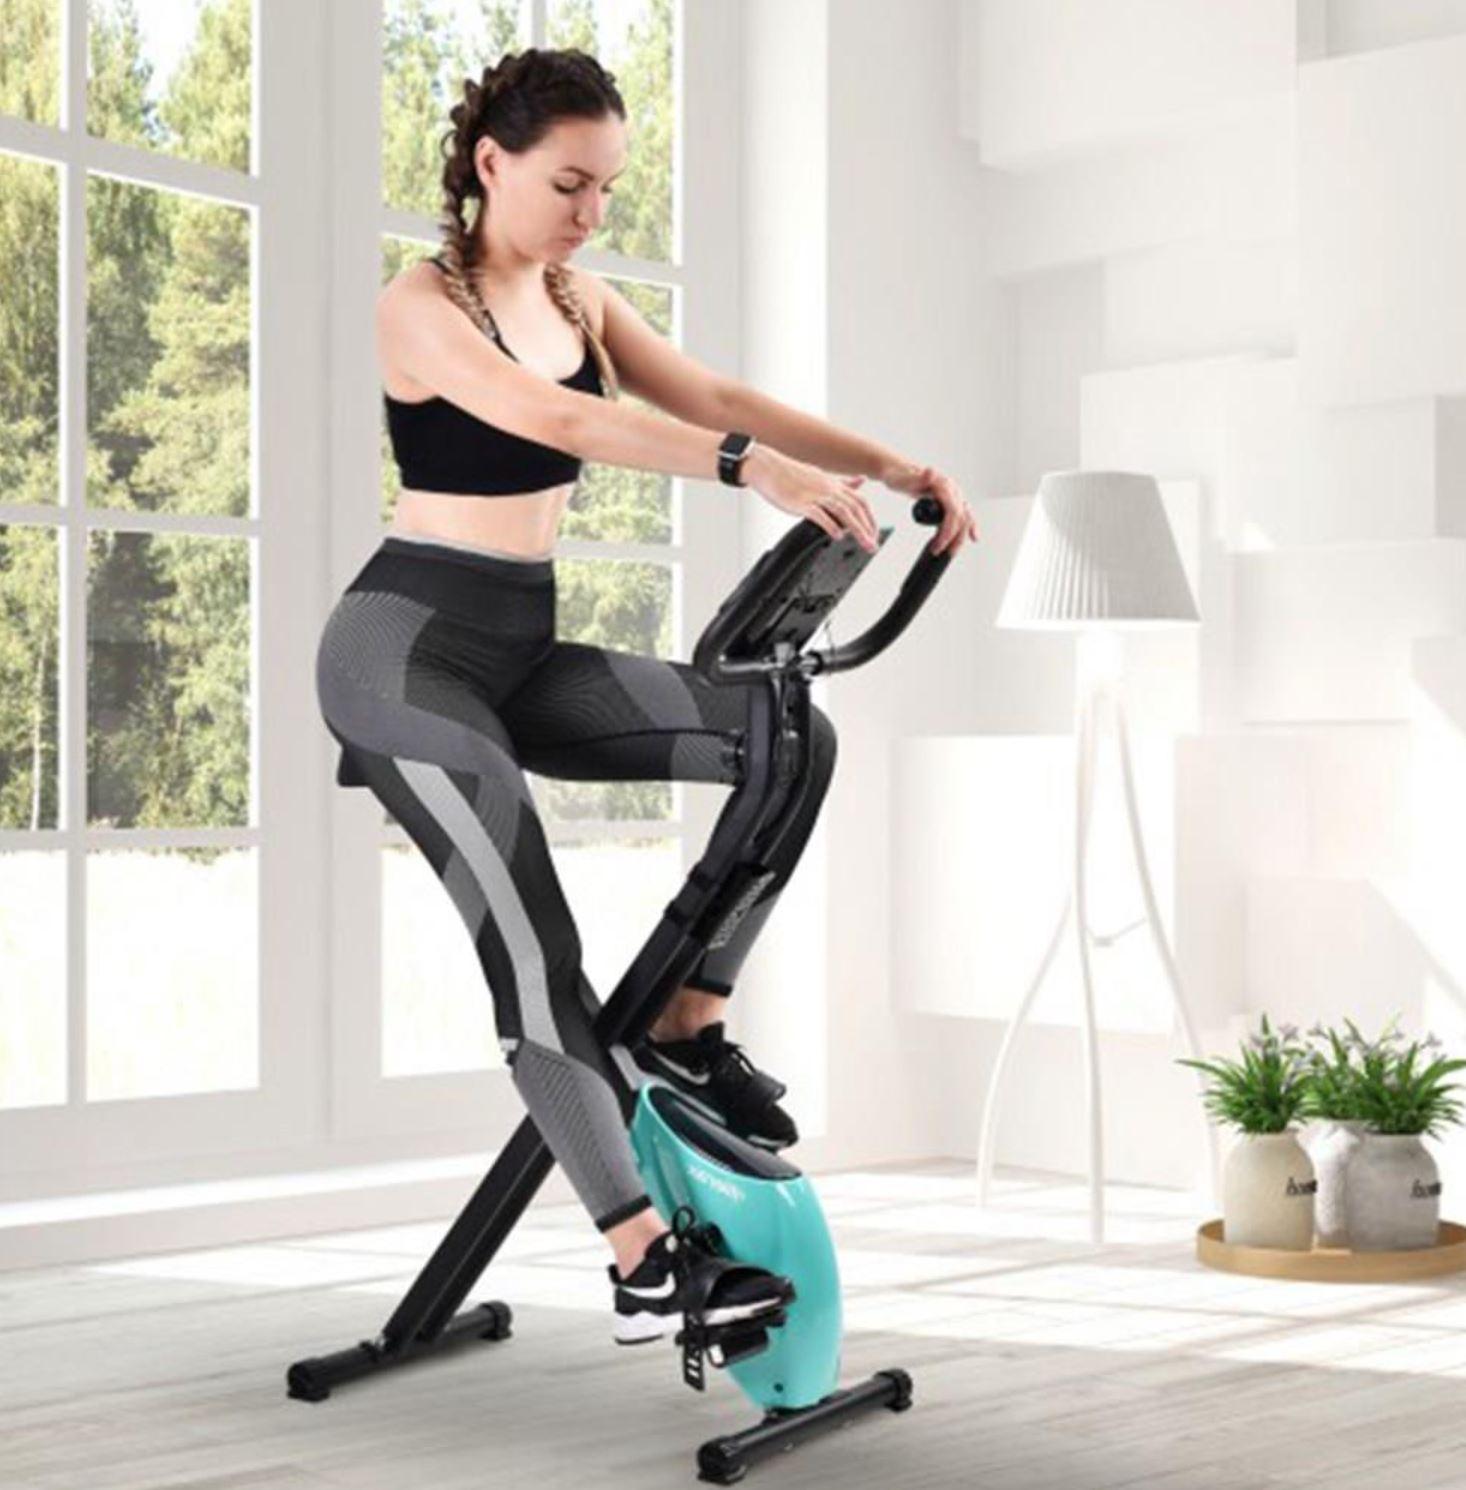 Noworoczna wyprzedaż sprzętu fitness - bieżnie i rowerki w super cenach - rower Merax X-Bike